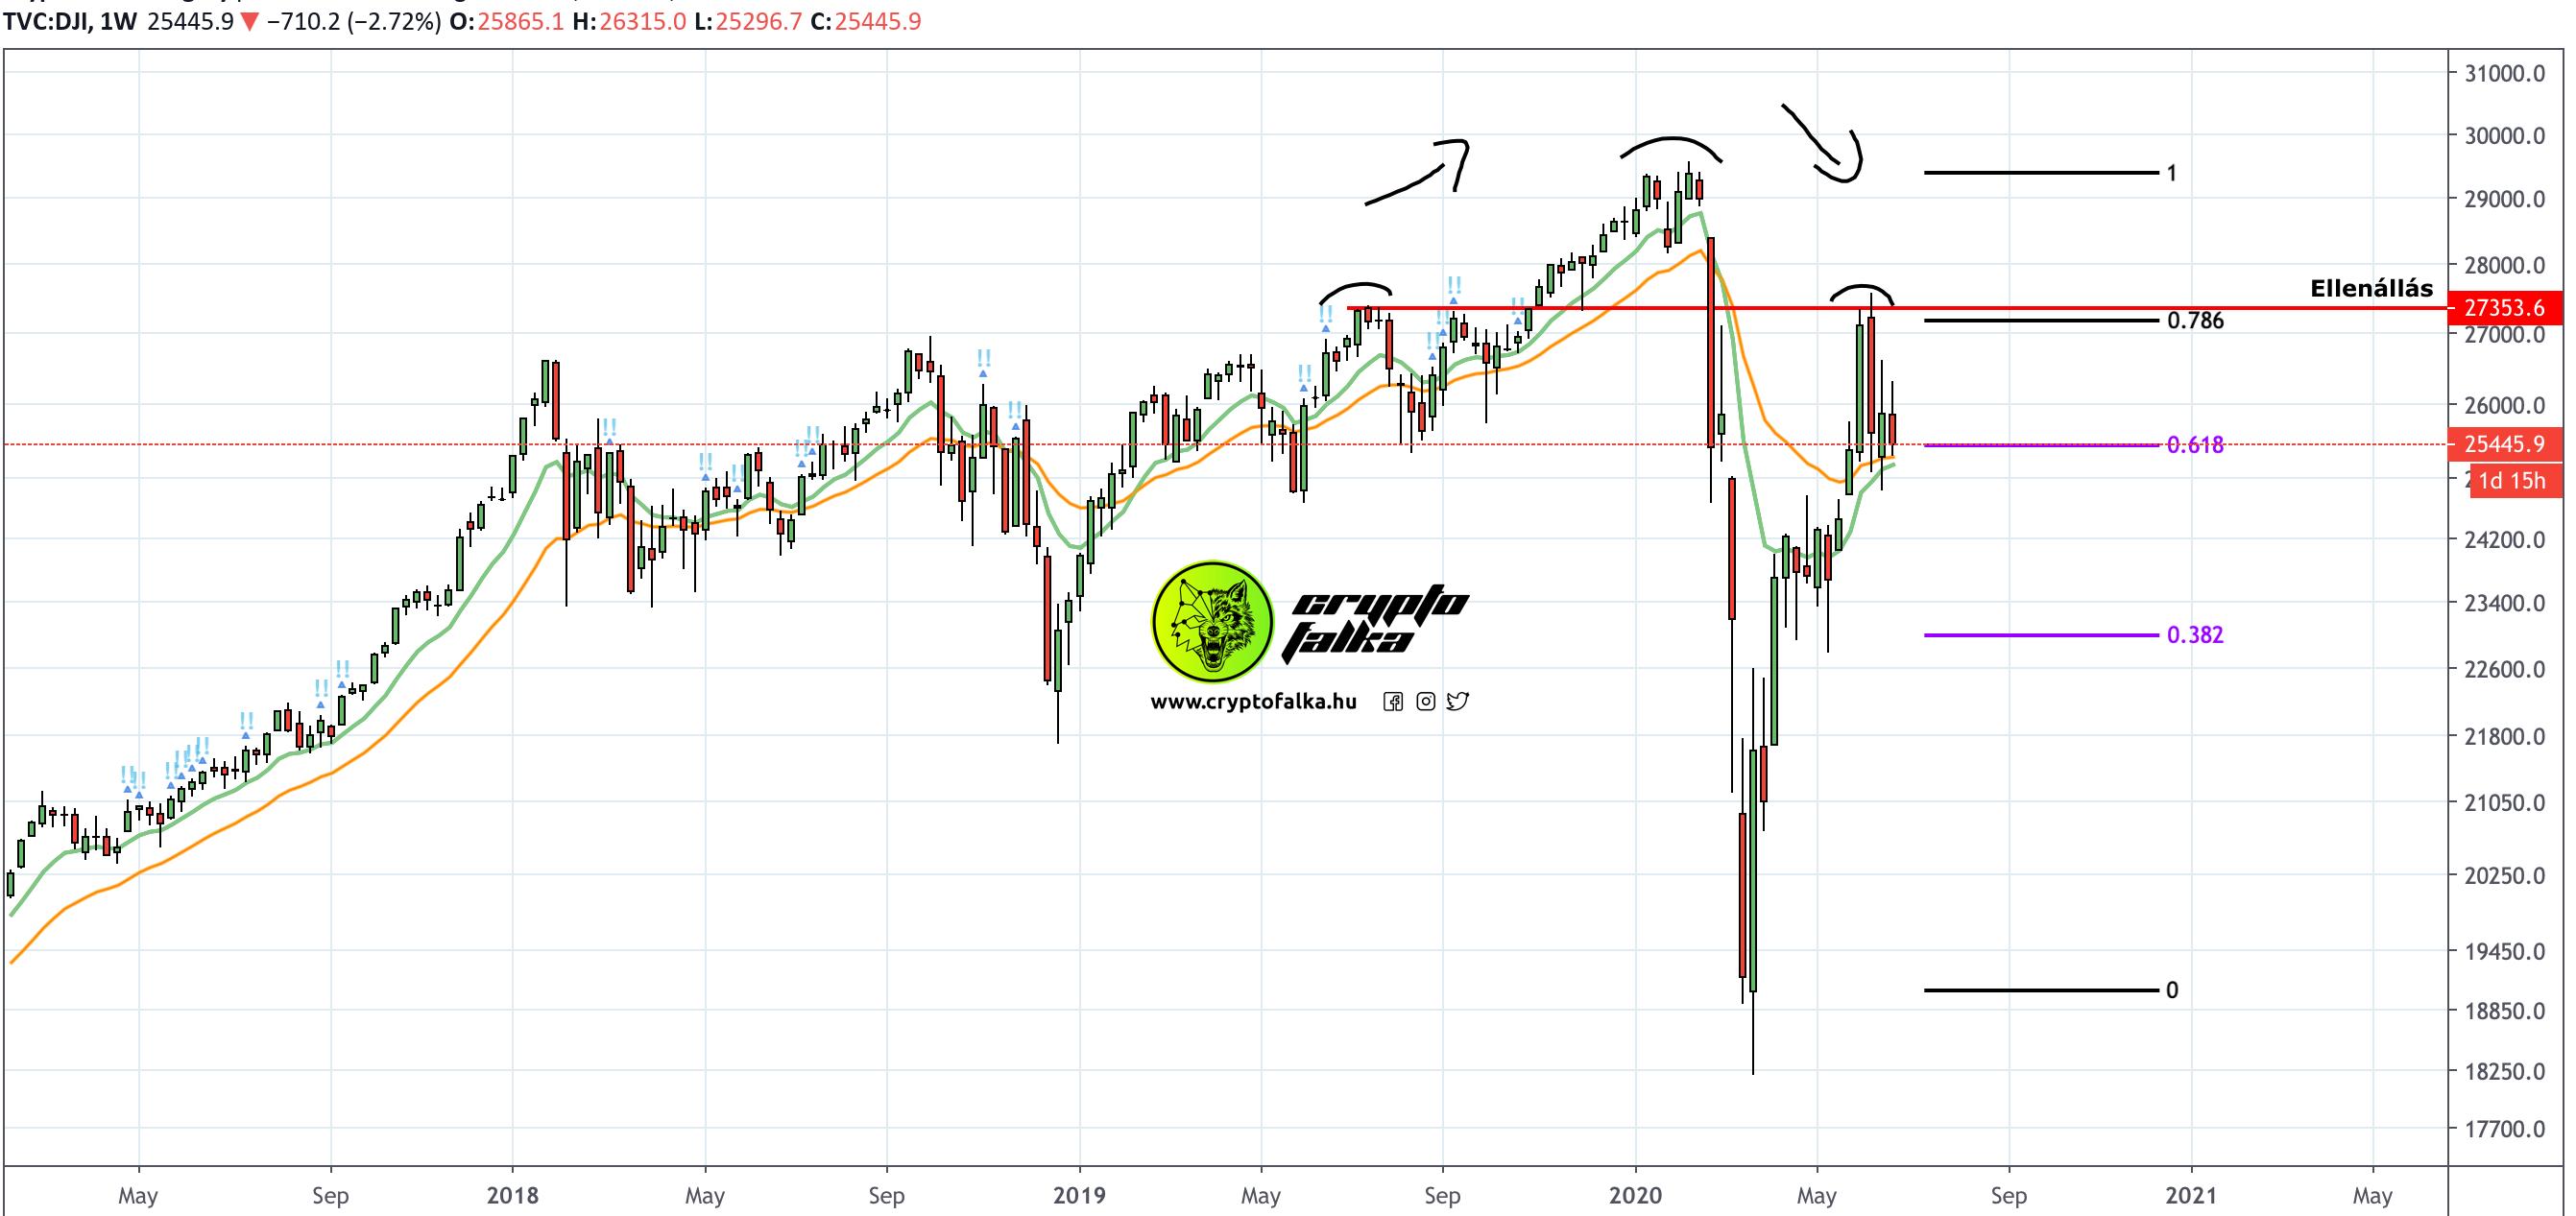 Dow Jones Bitcoin ár csökkenés I Cryptofalka